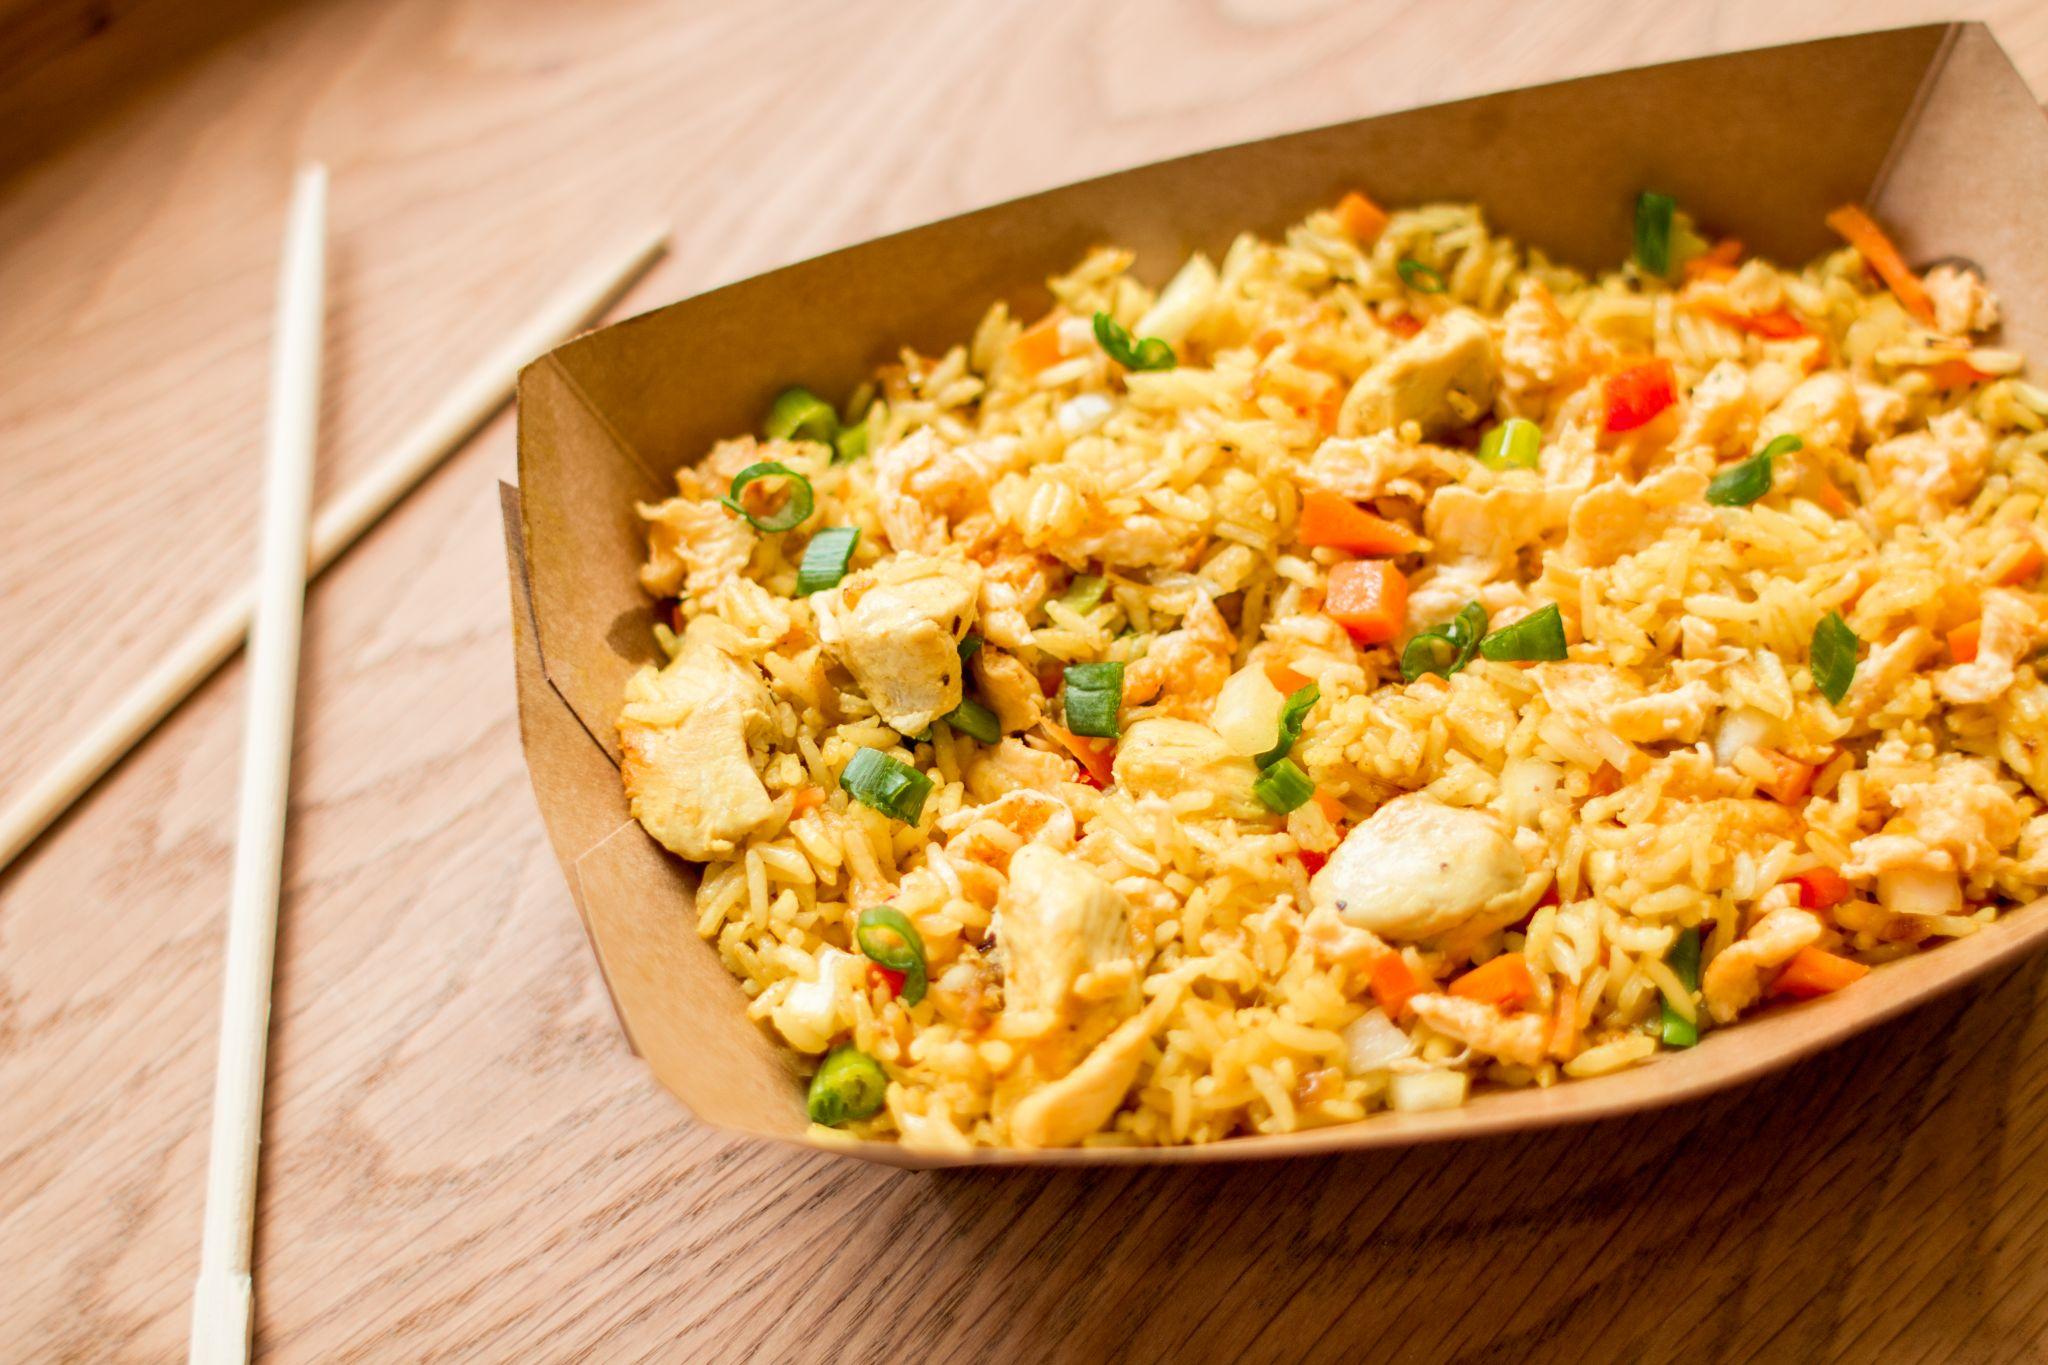 Canaca Street Food Menu Photography nasi goreng